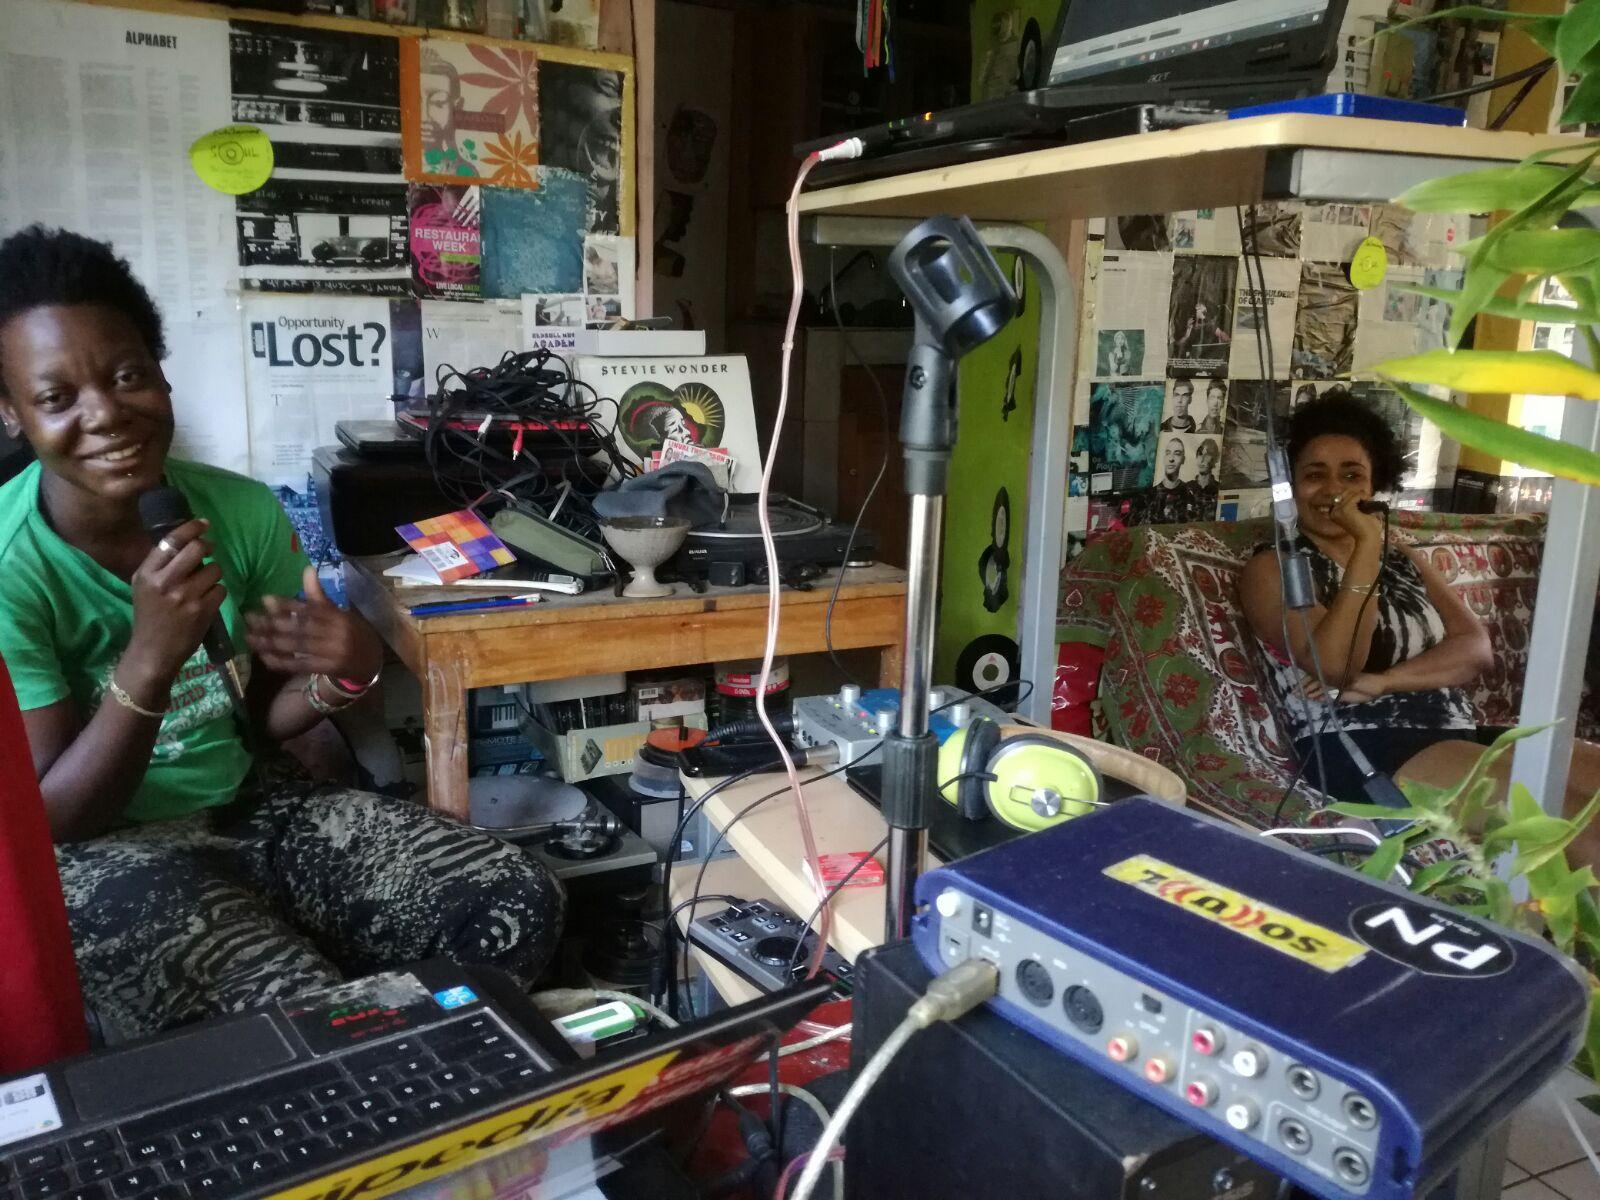 DJ Afifa & Jova conversing about art.